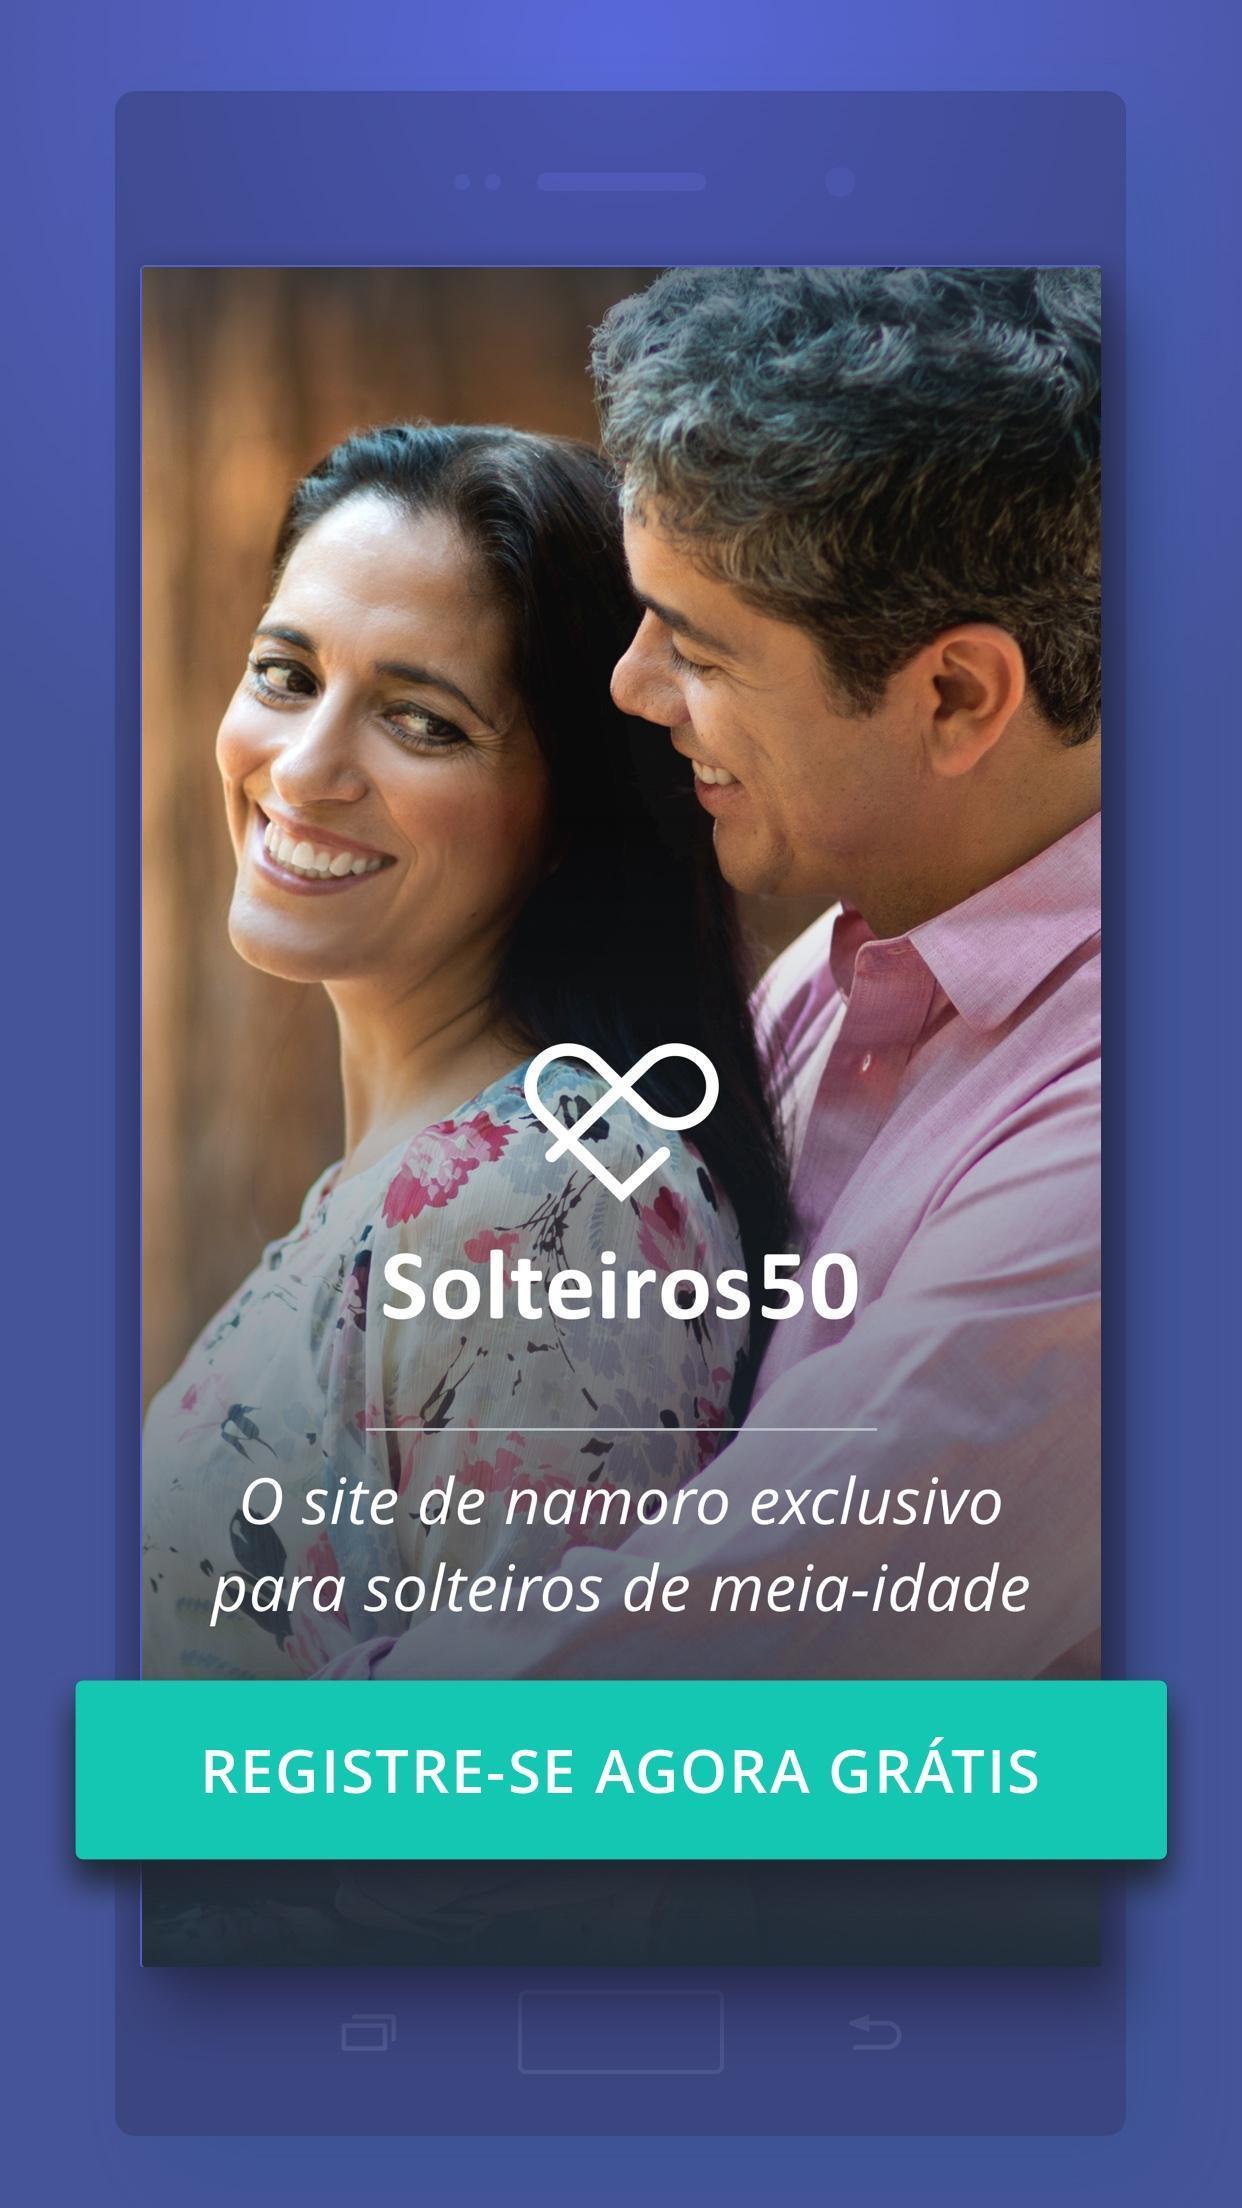 Solteiros50 português anúncios pessoais 14947